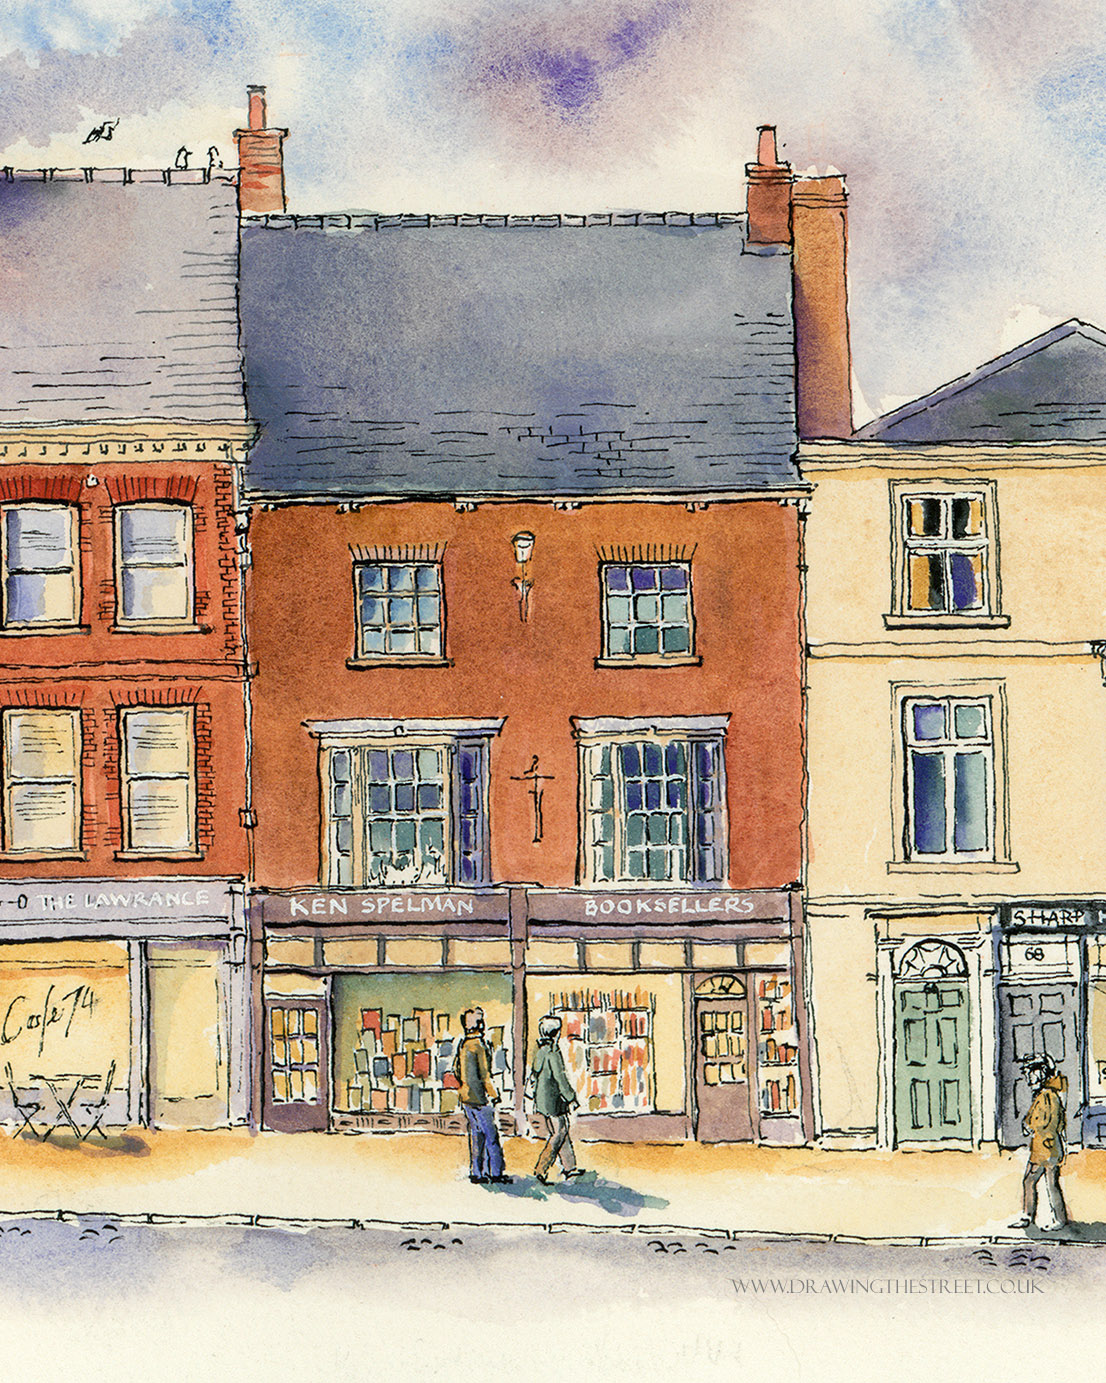 drawing of ken spelman bookshop york